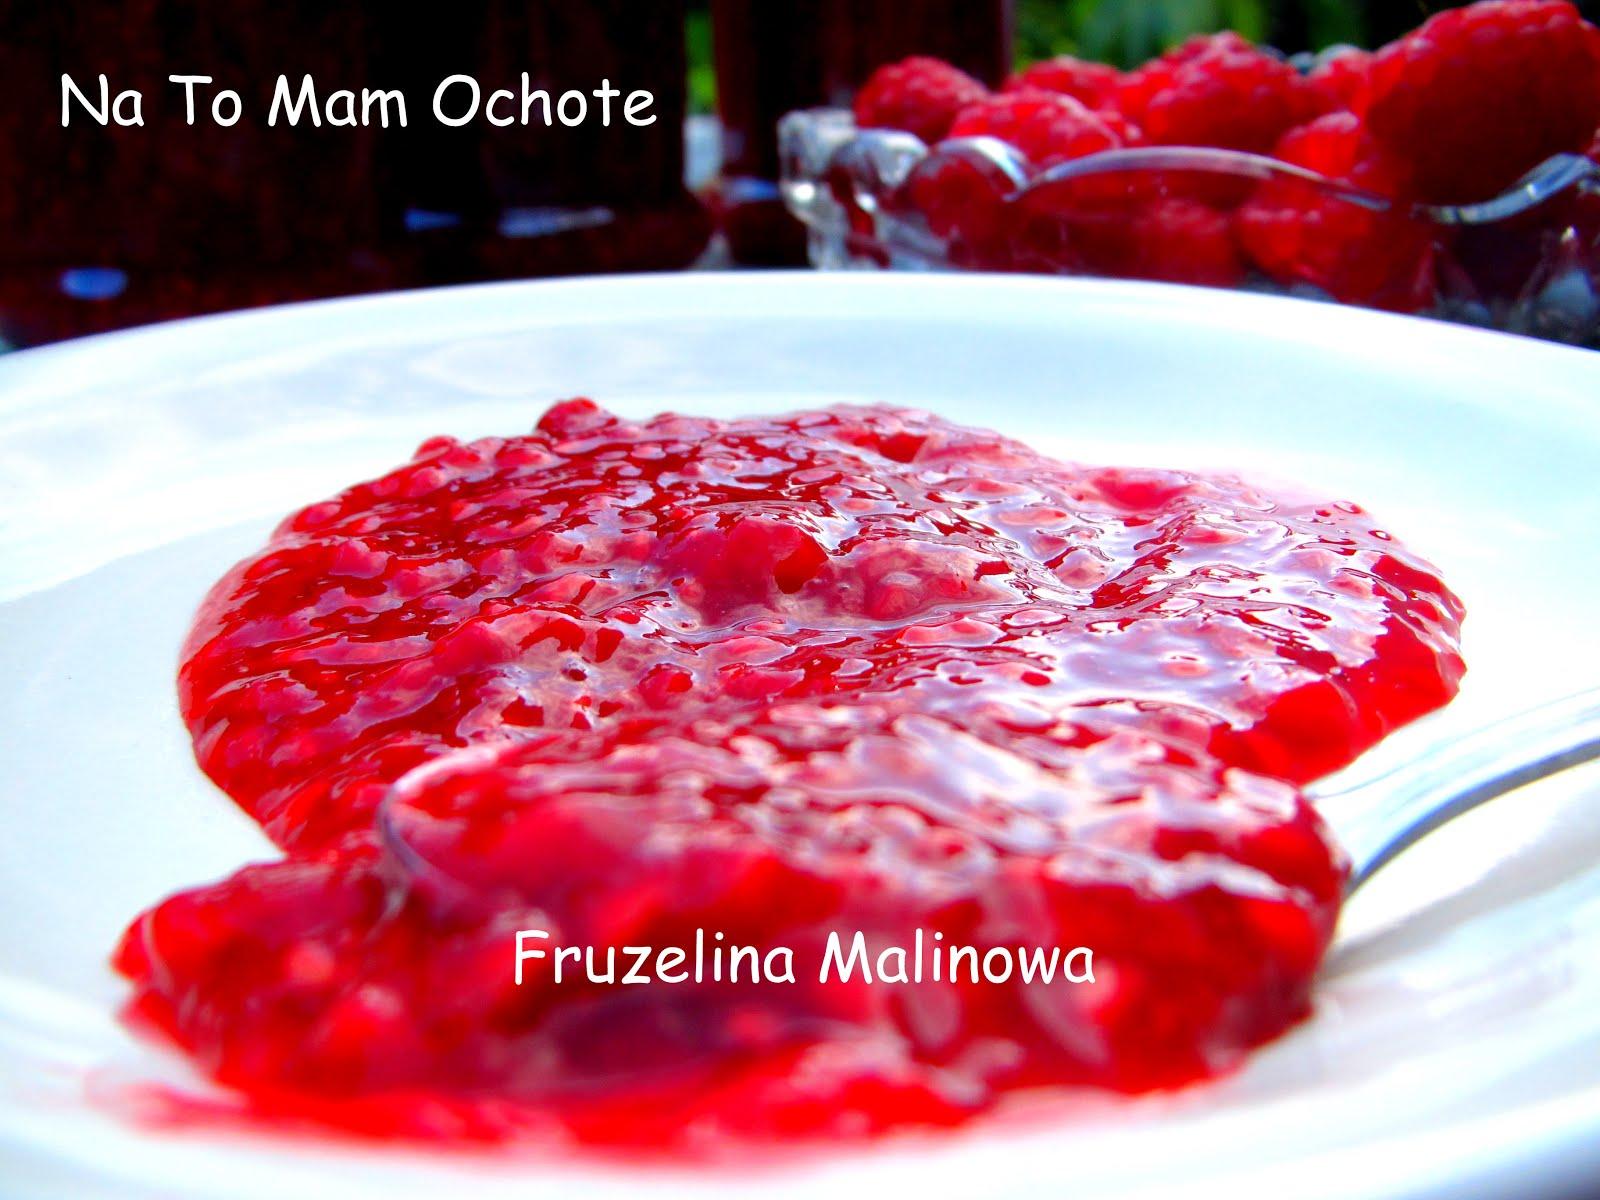 Frużelina Malinowa - Owoce w Żelu